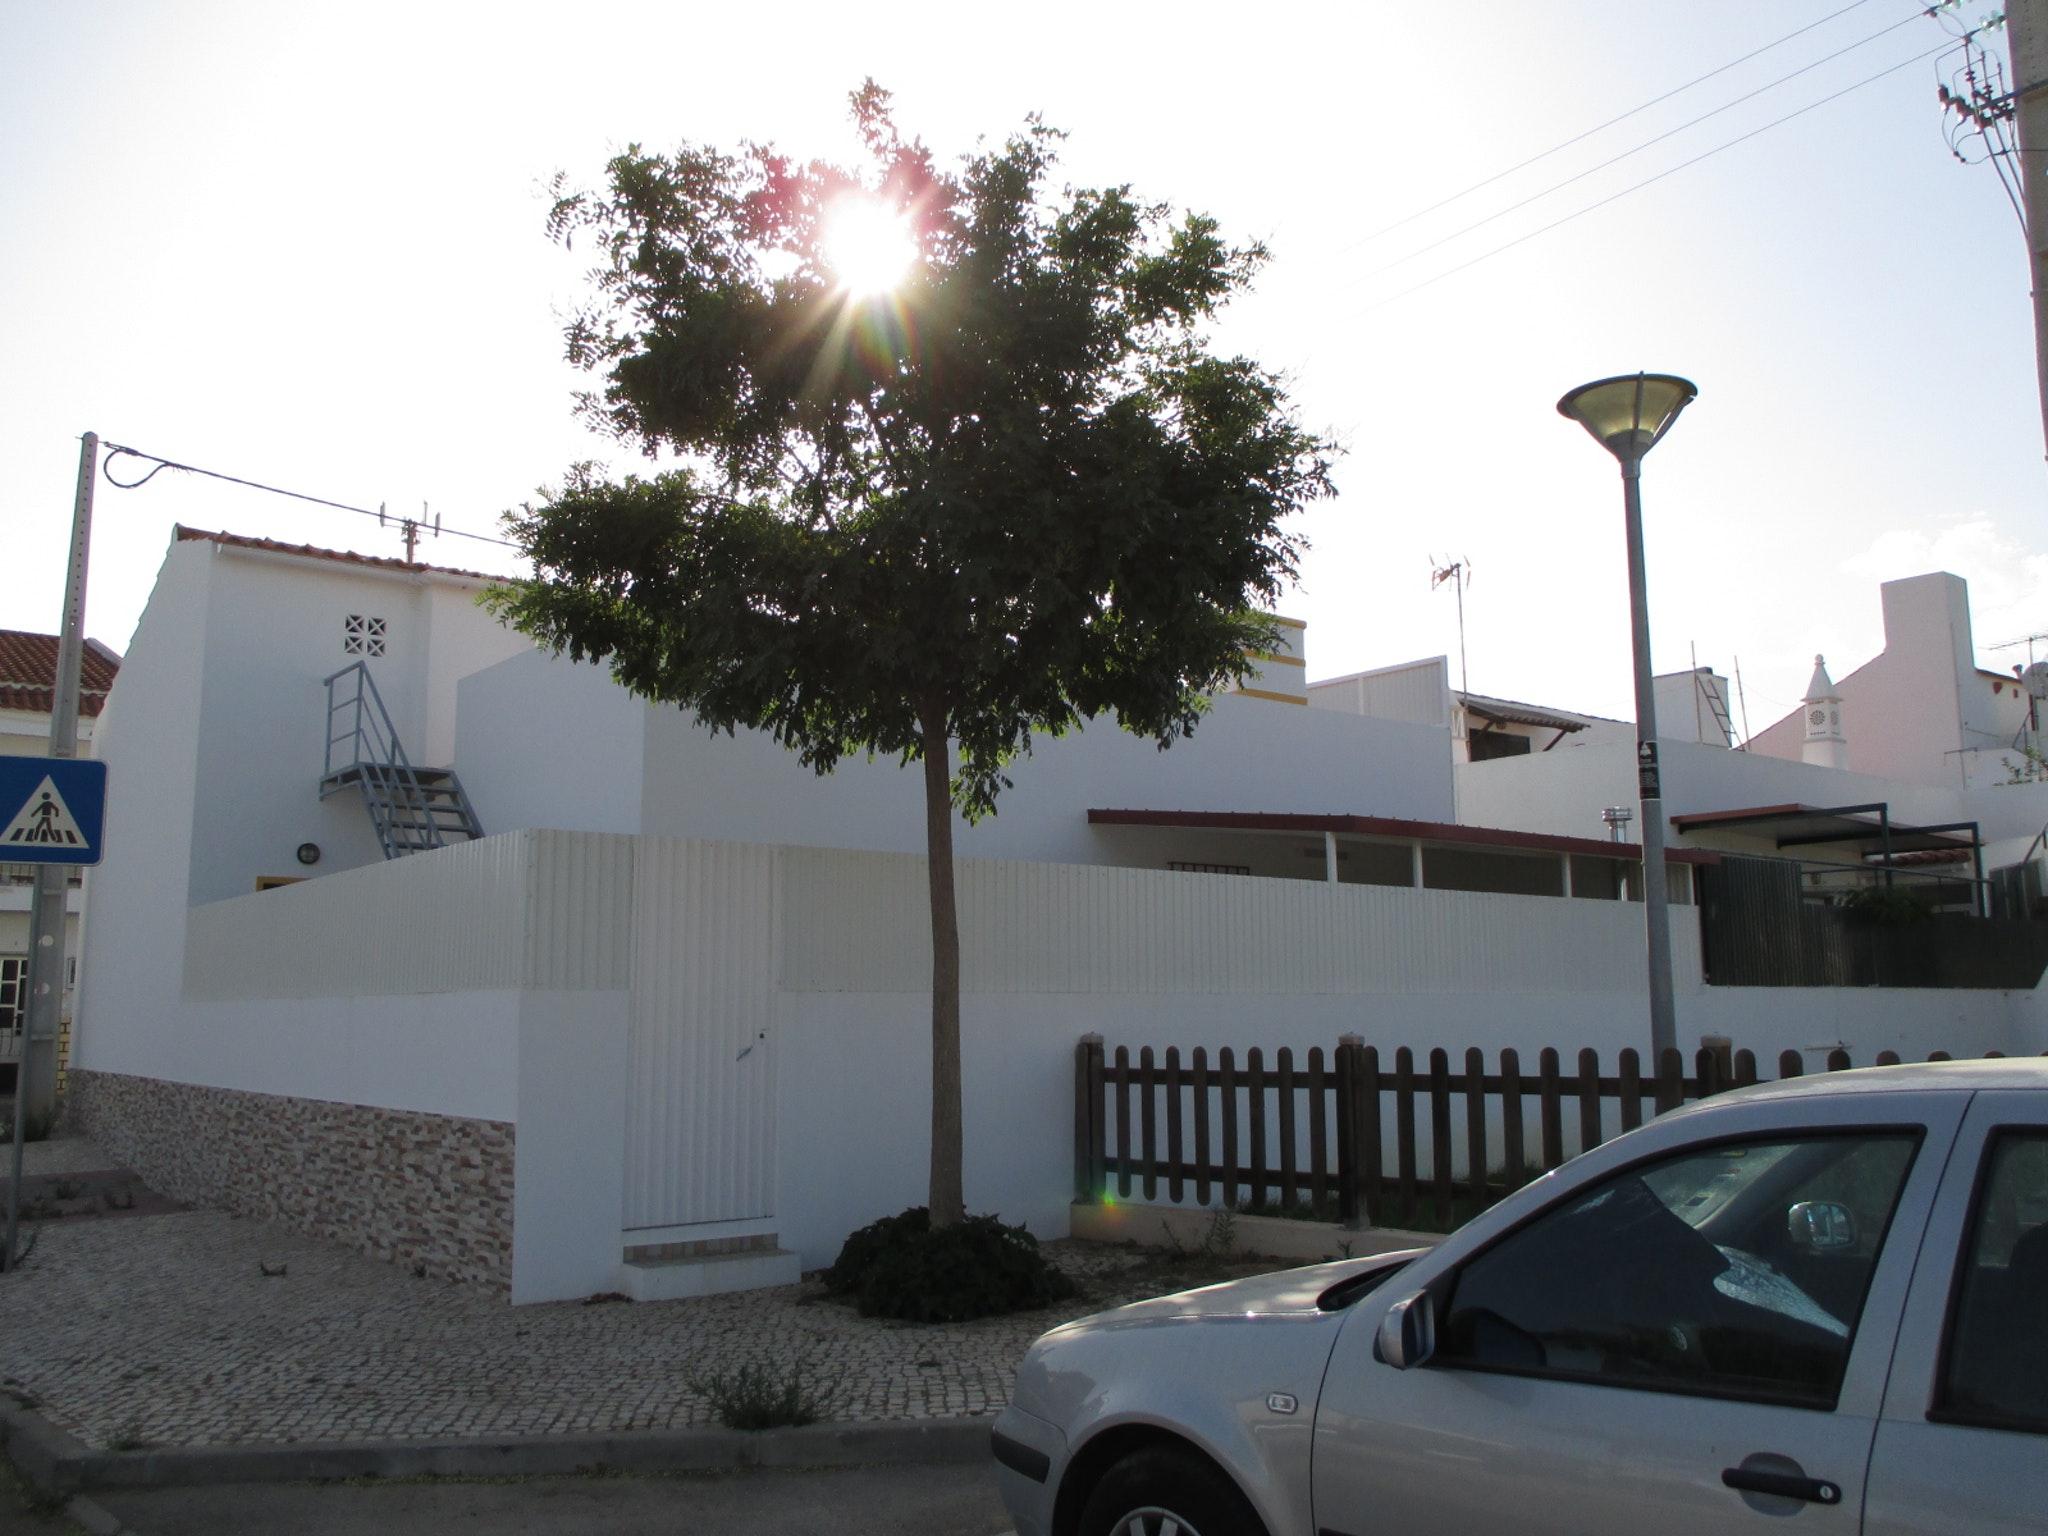 Ferienhaus Haus mit 3 Schlafzimmern in Luz (Luz de Tavira) mit eingezäuntem Garten - 2 km vom Strand  (2426449), Luz, Ria Formosa, Algarve, Portugal, Bild 20